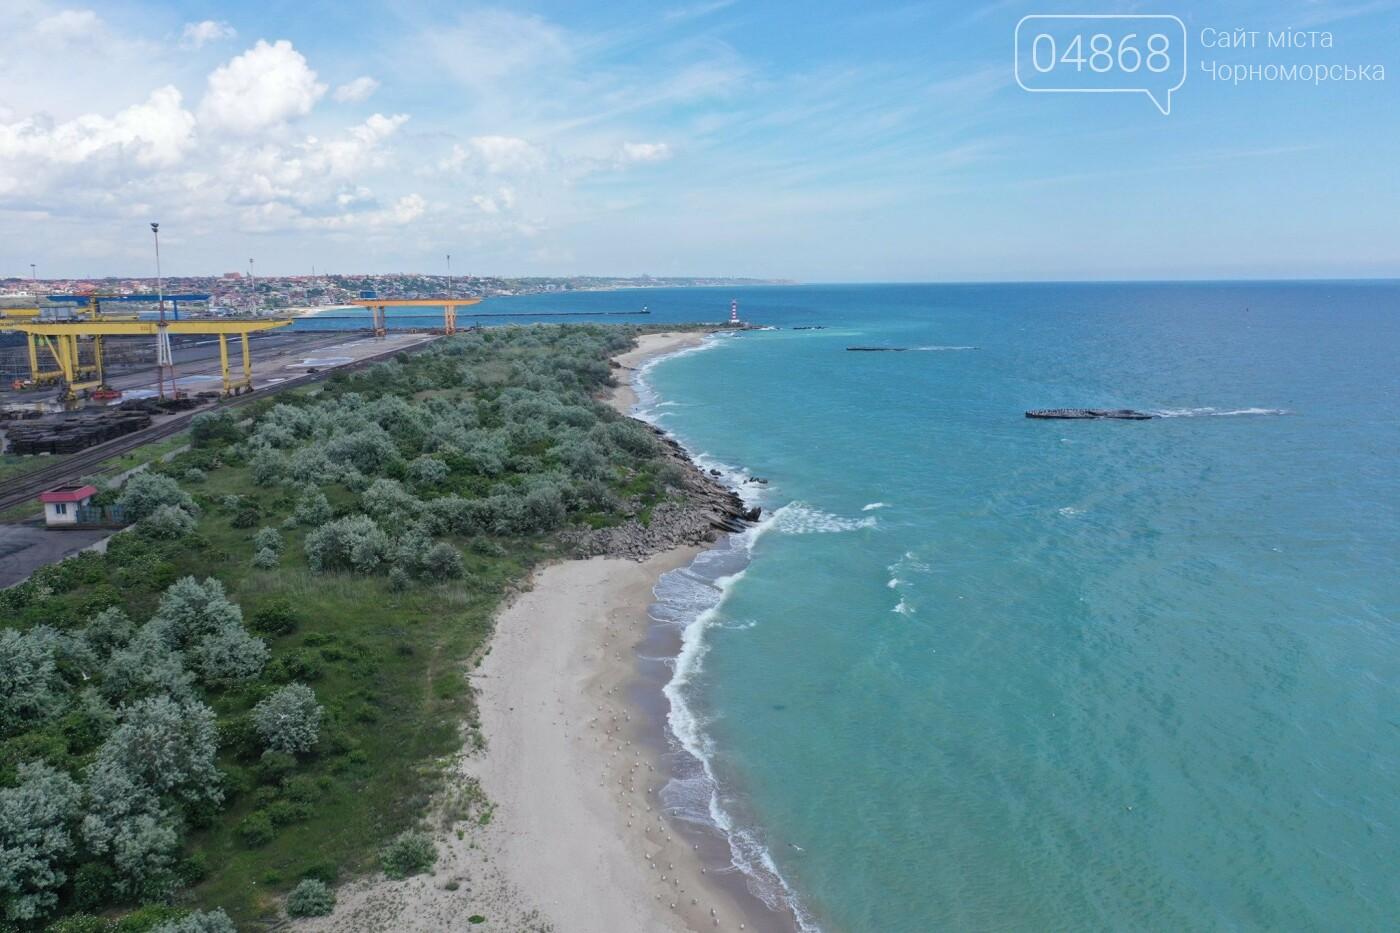 Жители Черноморска предлагают открыть пляж на территории порта, фото-7